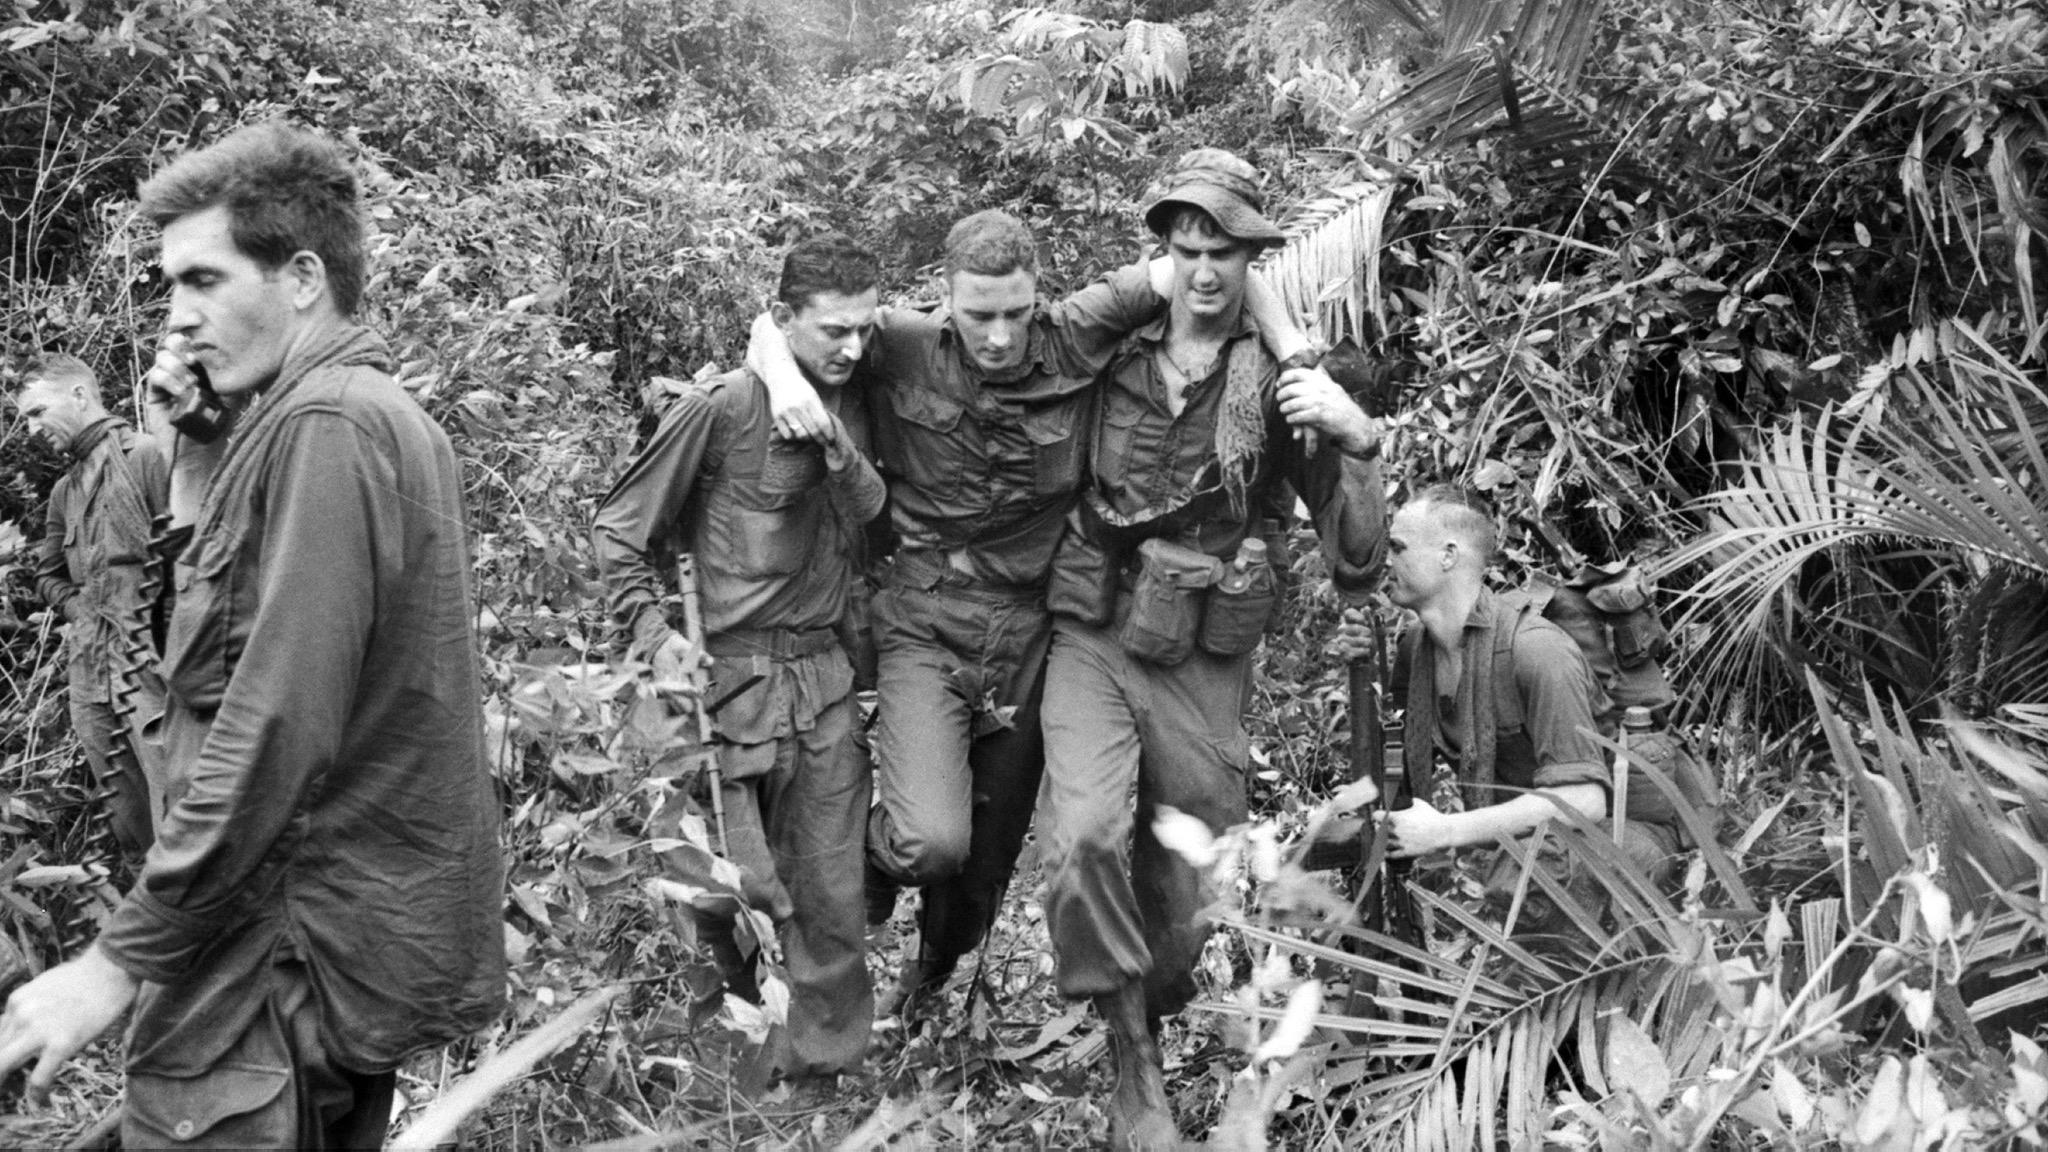 Helping hands 8 October 1966. Photo: Winston Coates. Australian War Memorial COA/66/0877/VN